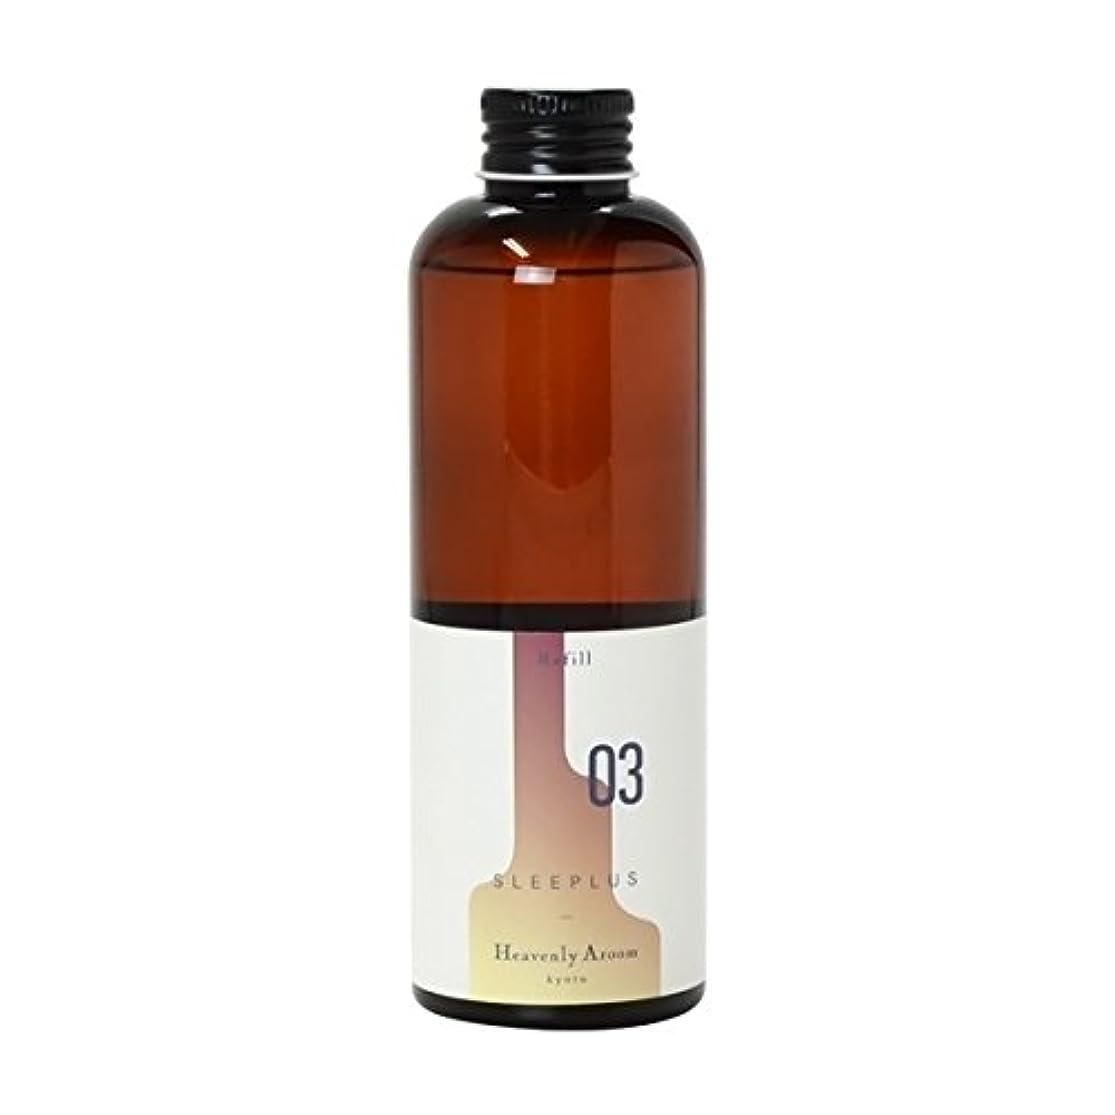 脆いクリップ美容師Heavenly Aroom リードディフューザー用リフィル SLEEPLUS 03 ラベンダーサンダルウッド 200ml